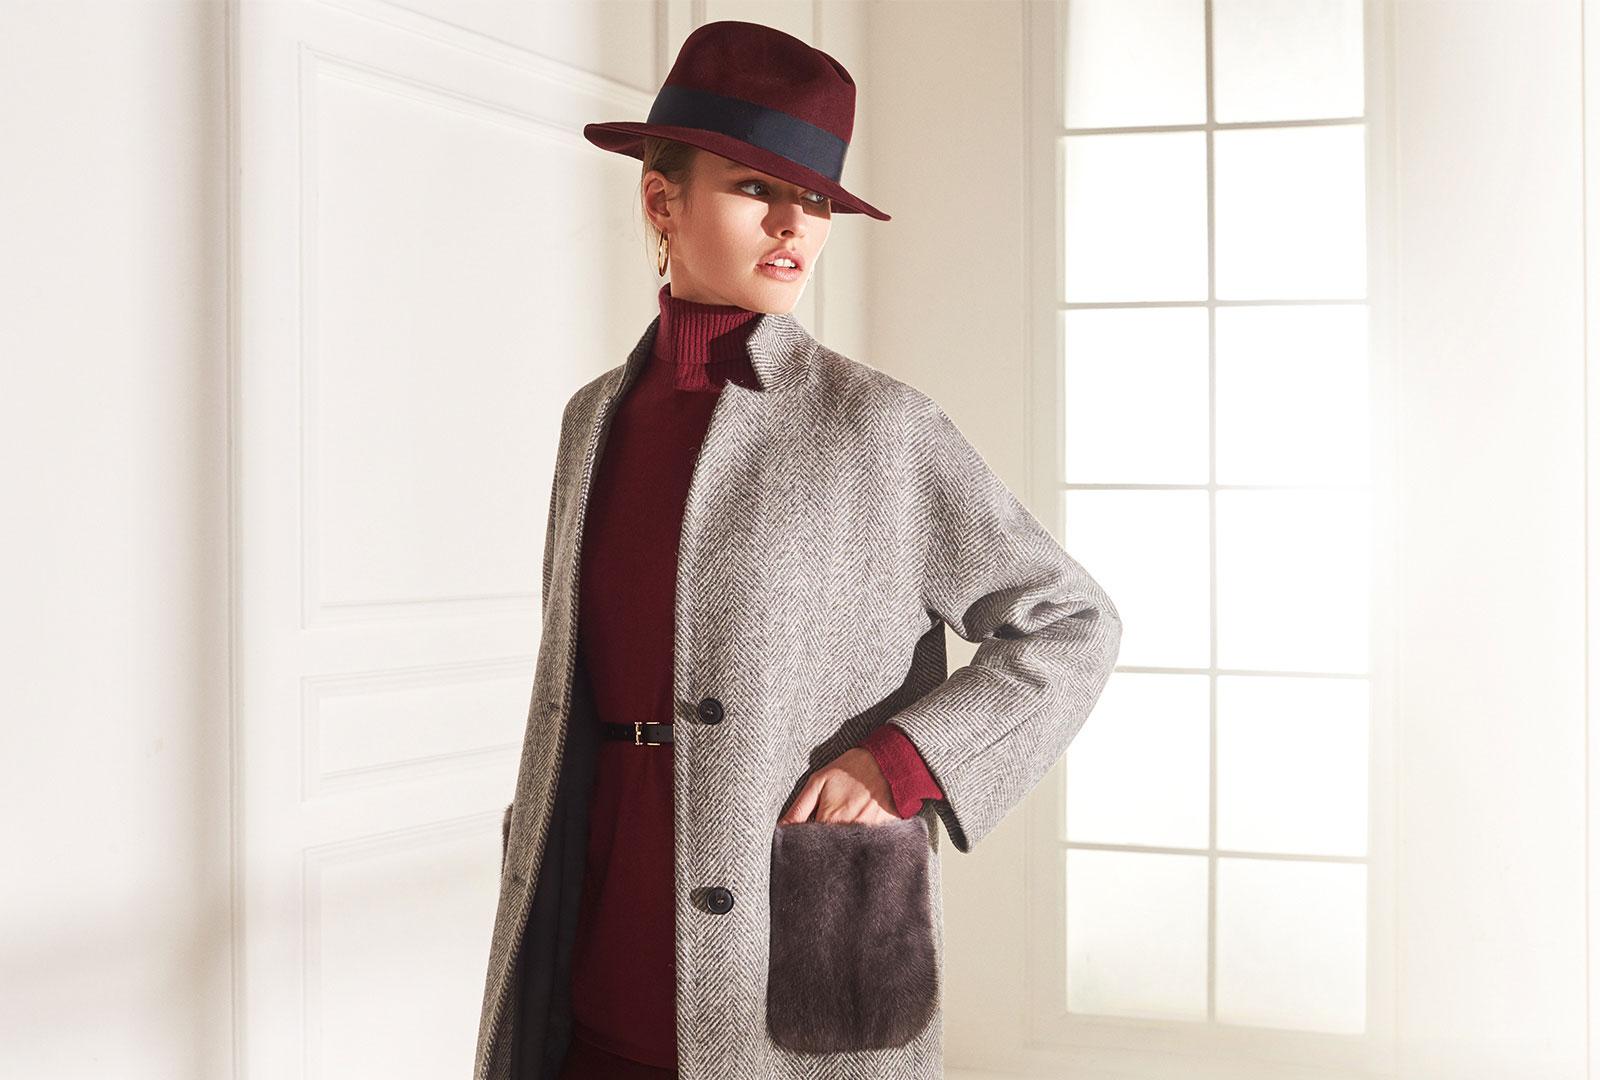 lenoci luxury- cappotto collo in piedi collo a stella kimono tasche in visone Iris blu tessuto 100% alpaca Vitale Barberis eco sostenibile bottoni corno